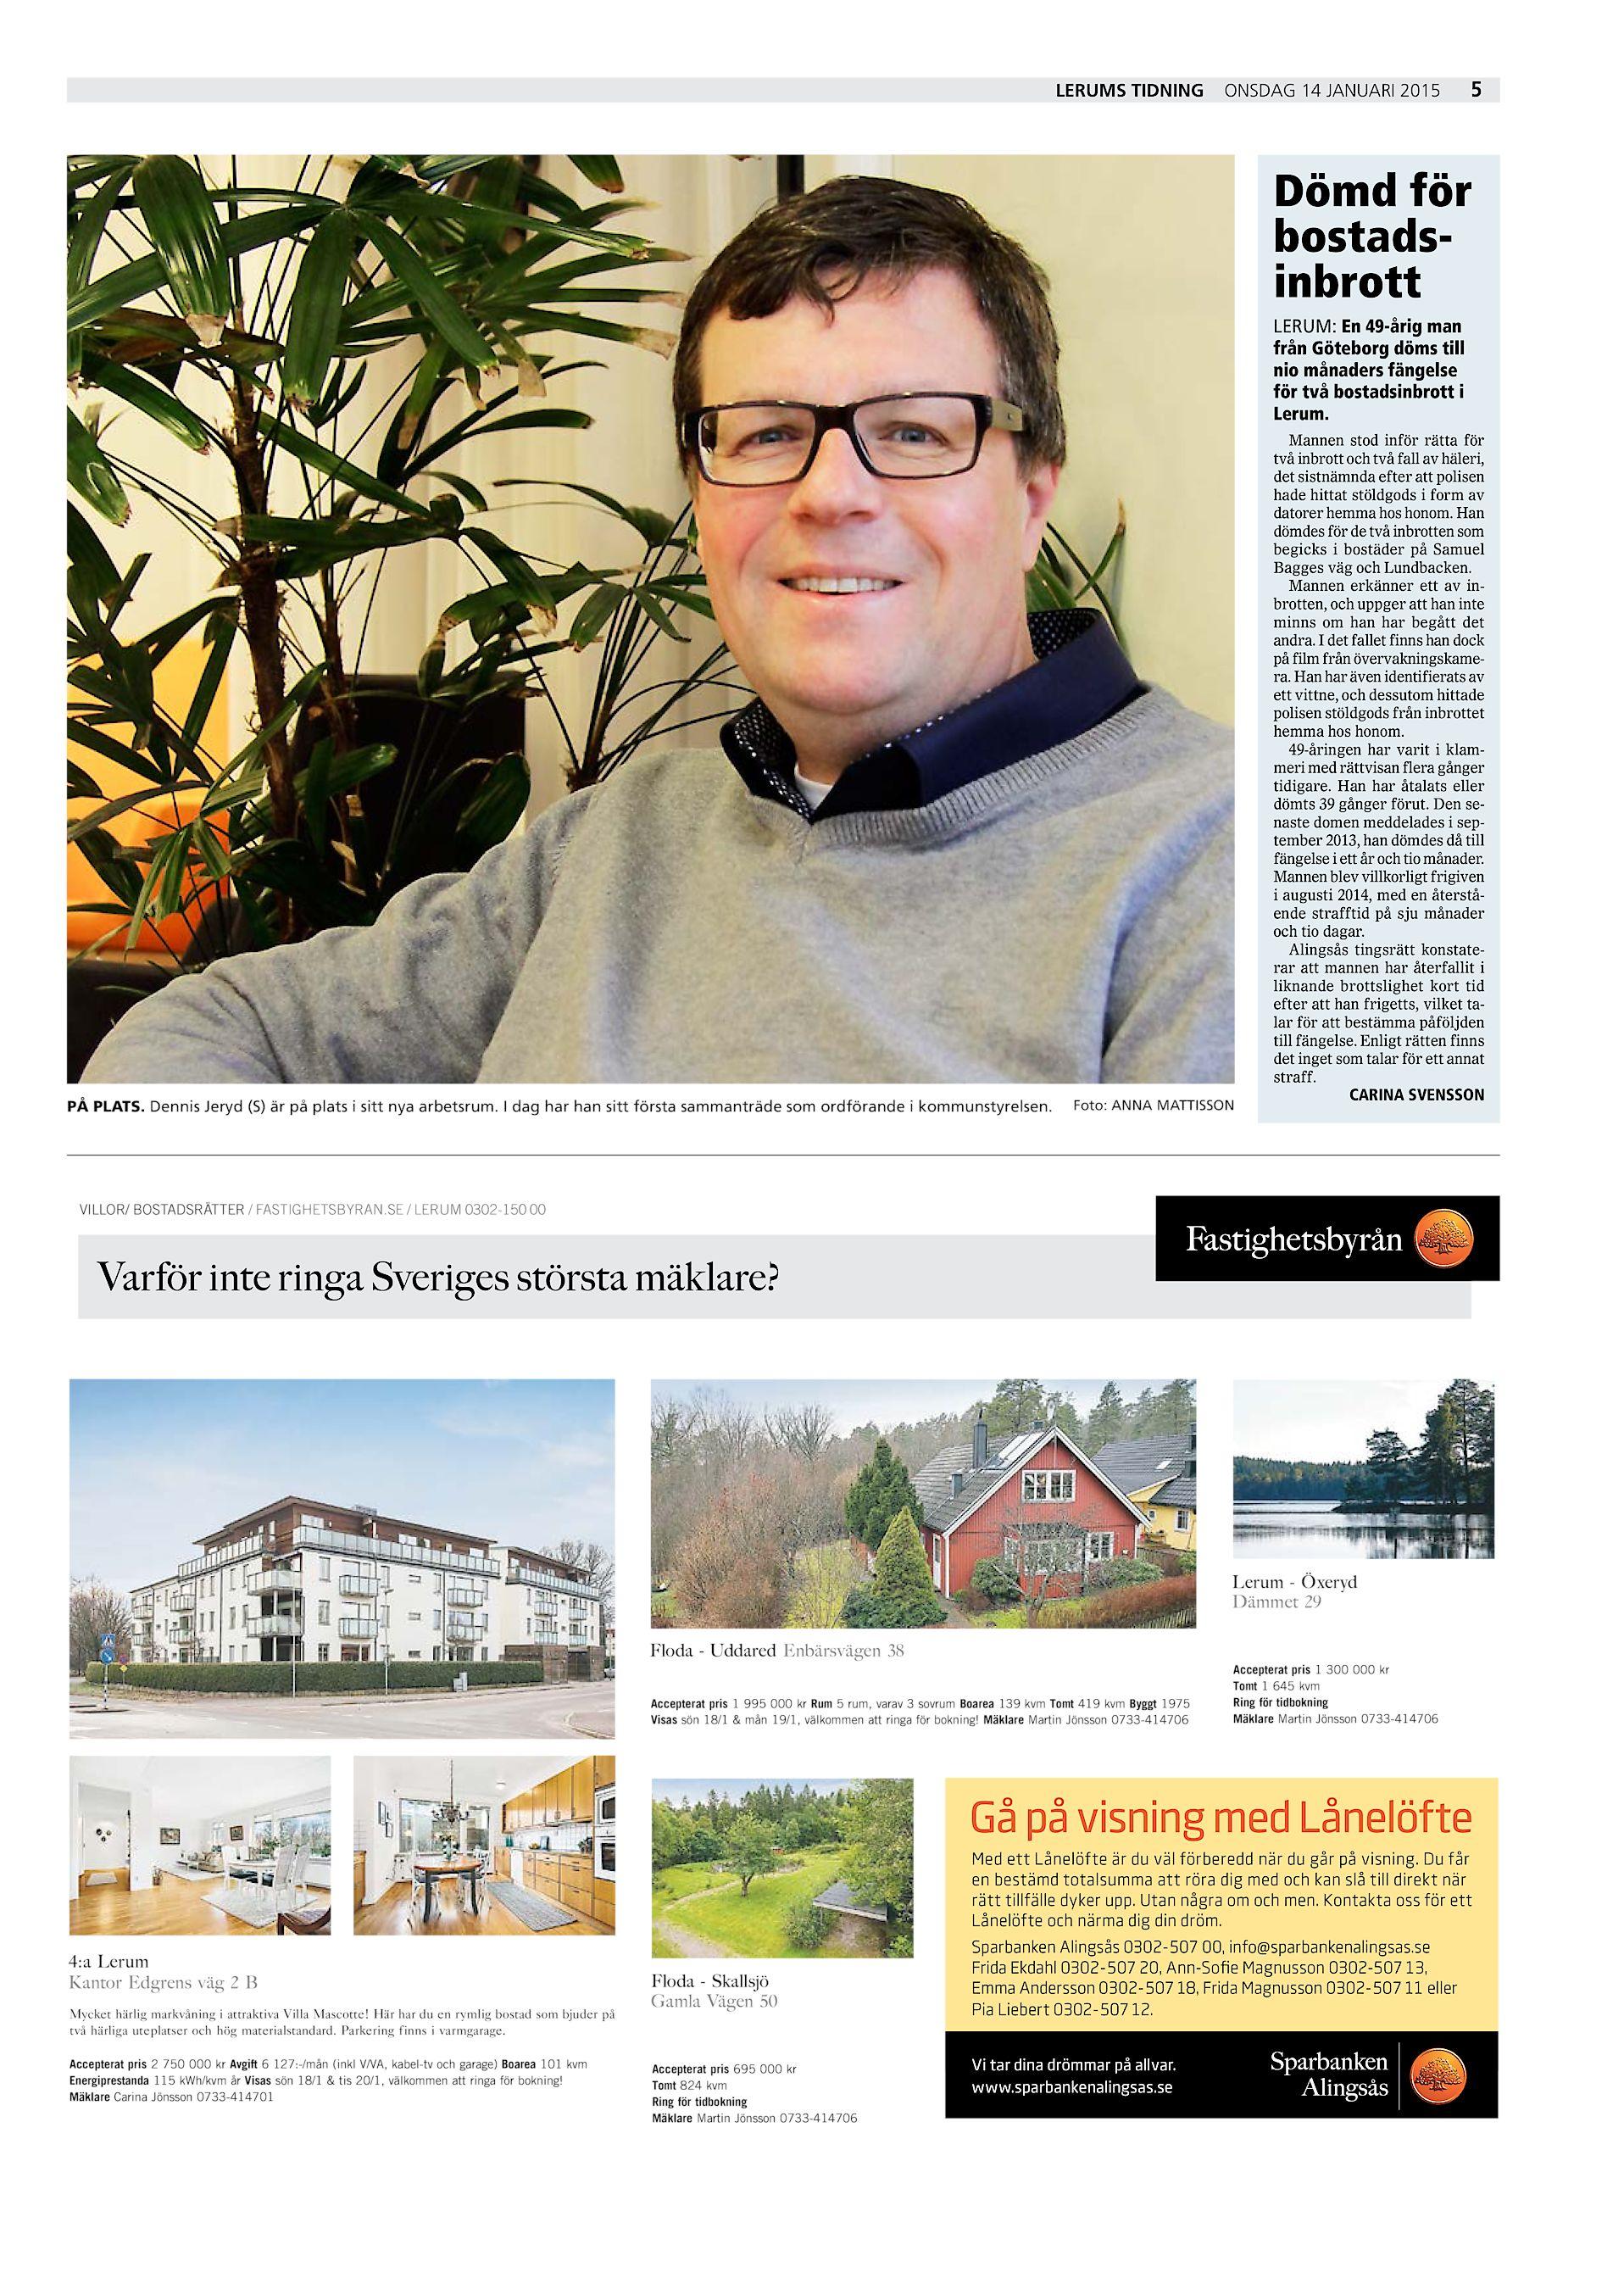 39b64cf58ef Lerums Tidning onsdag 14 januari 2015 5 Dömd för bostadsinbrott LERUM: En  49-årig man från Göteborg döms till nio månaders fängelse för två  bostadsinbrott i ...